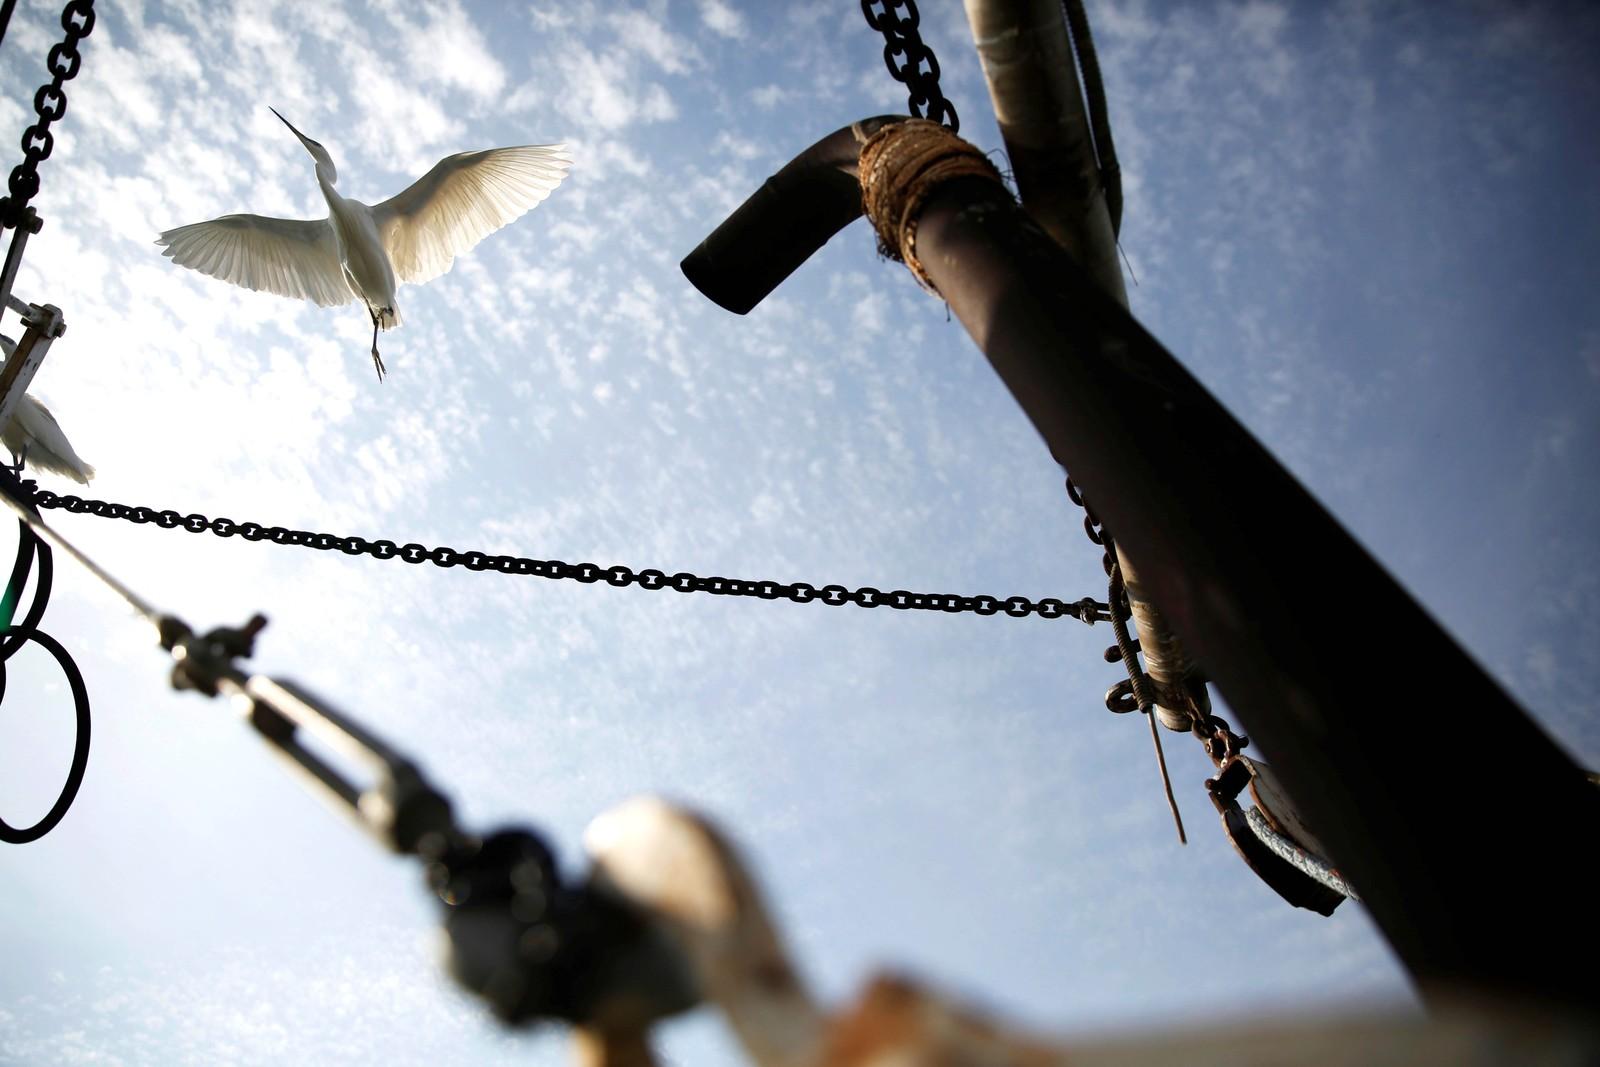 En egrettherge flyr over en fiskebåt i Genesaretsjøen i Israel.